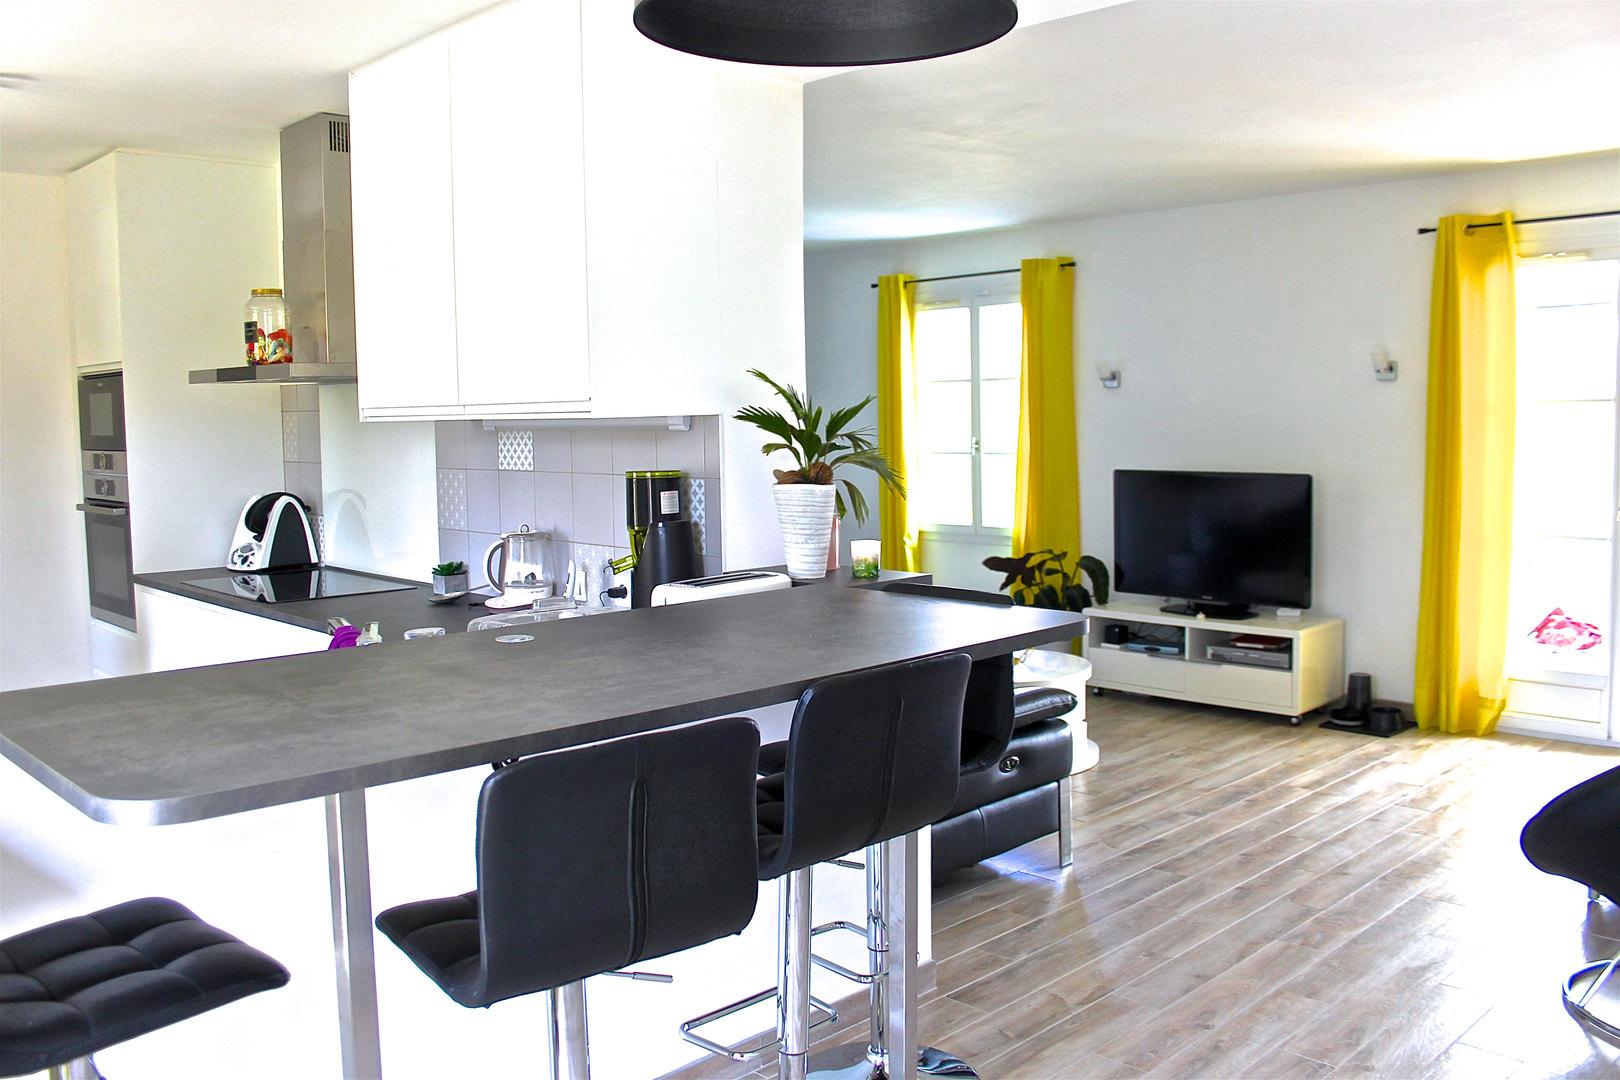 Nouvelle cuisine IKEA & pose d'un nouveau sol carrelage imitation parquet